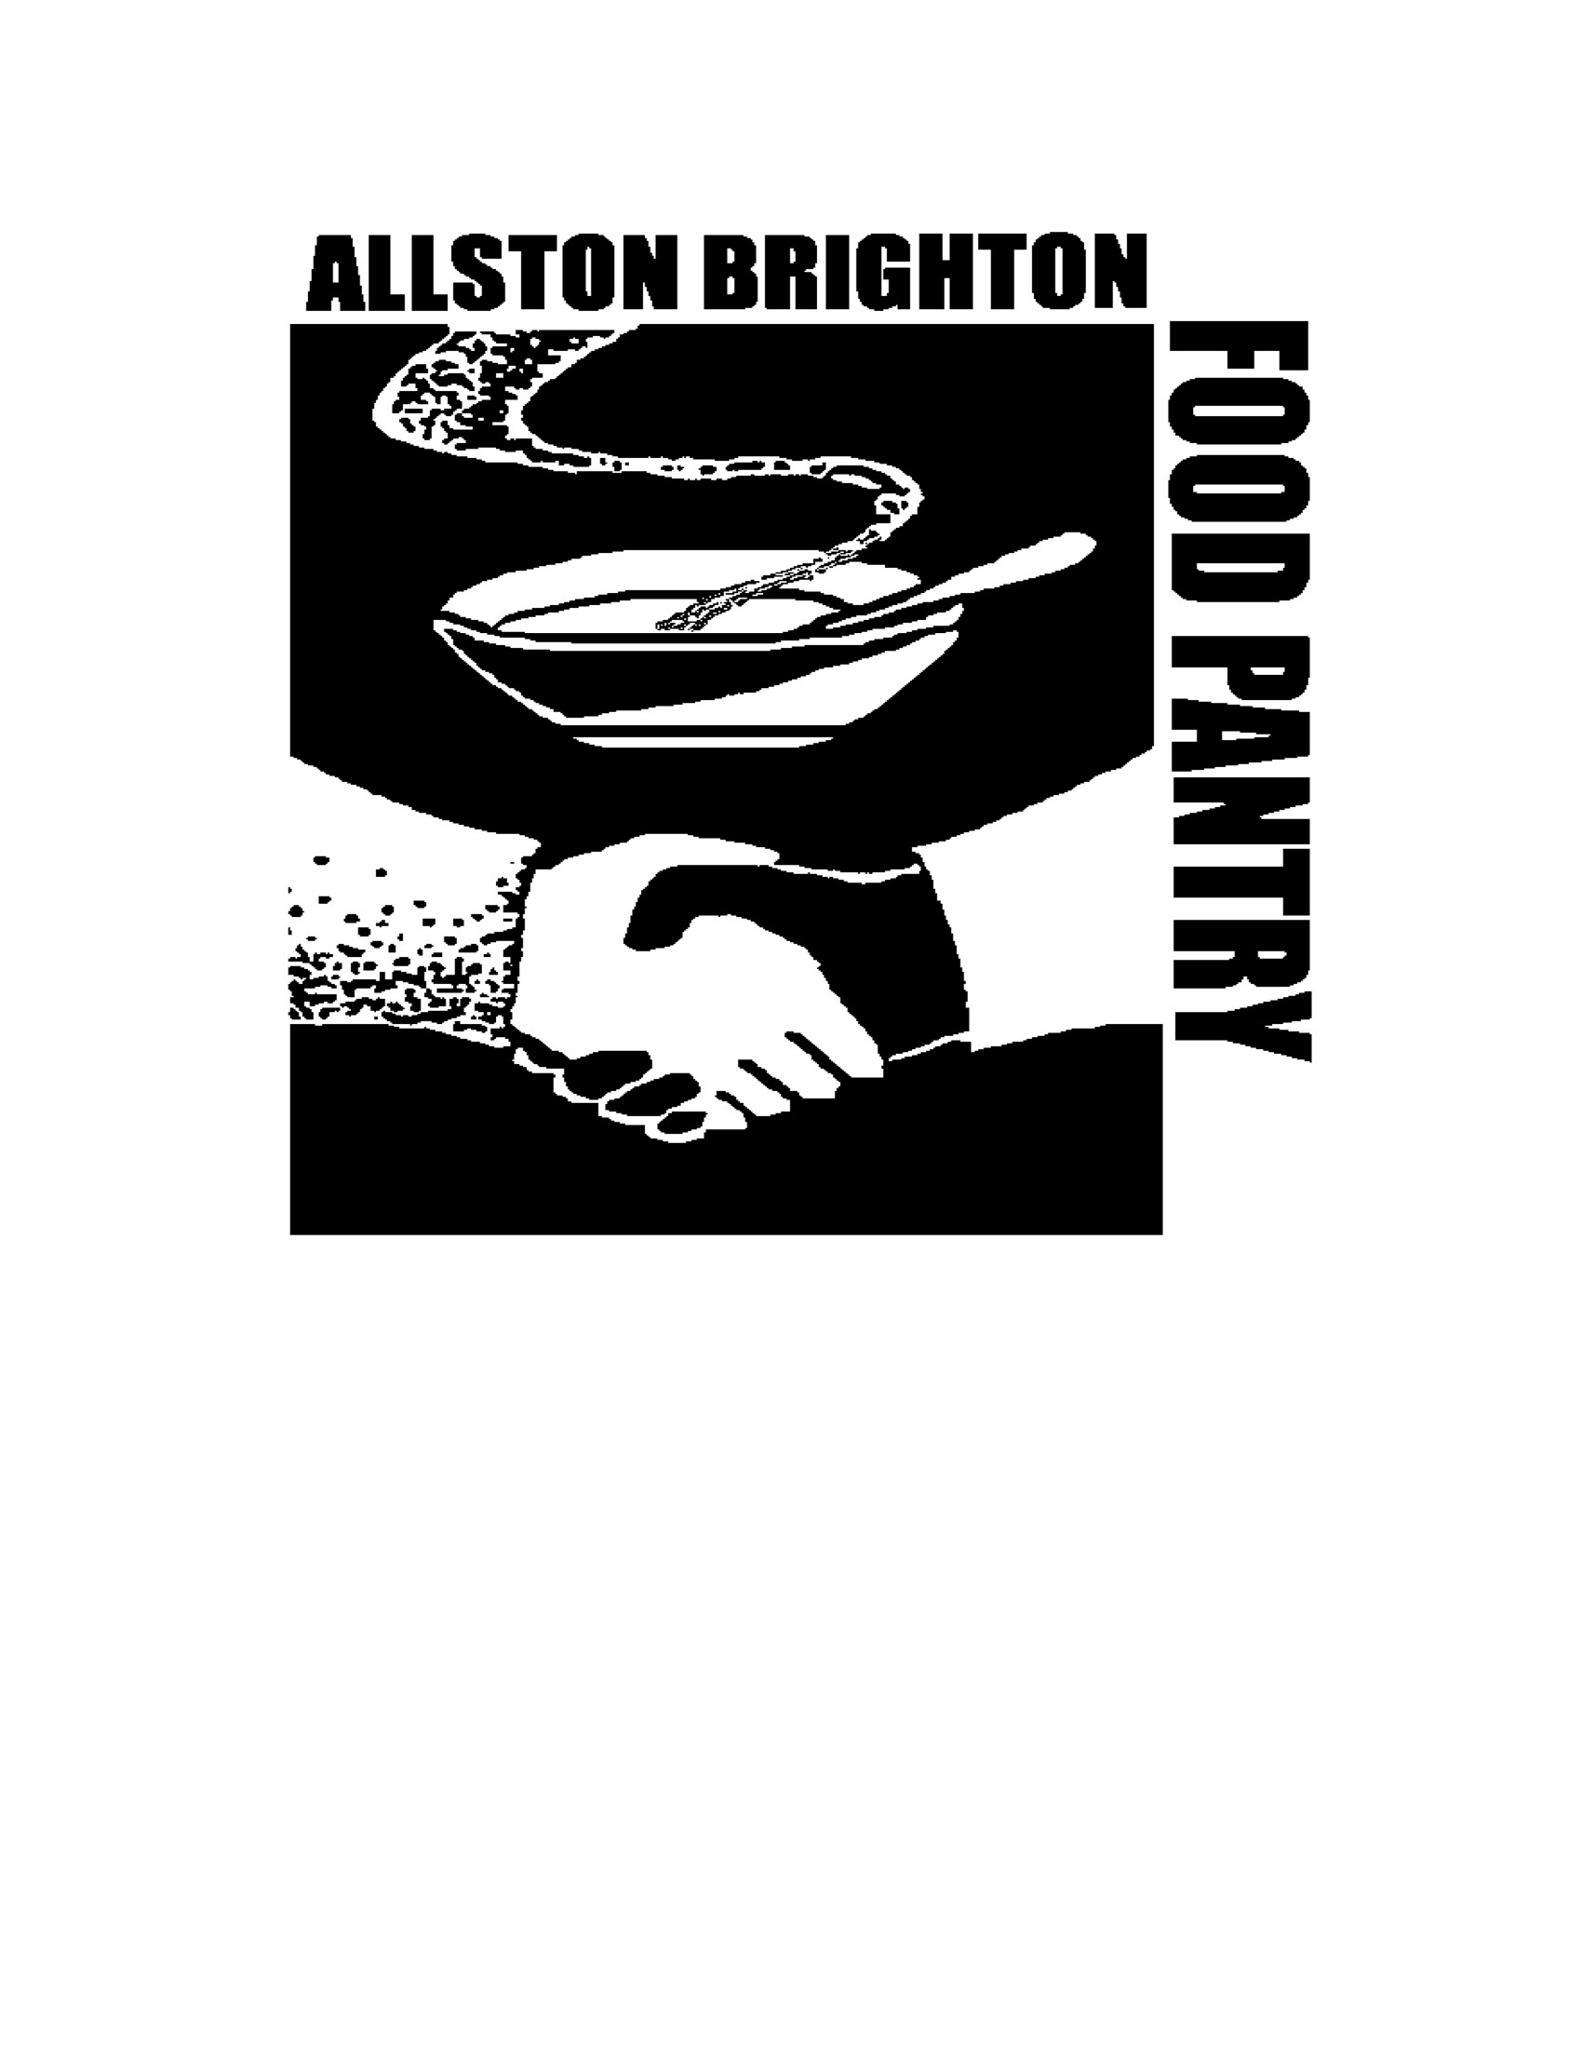 Allston-Brighton Food Pantry